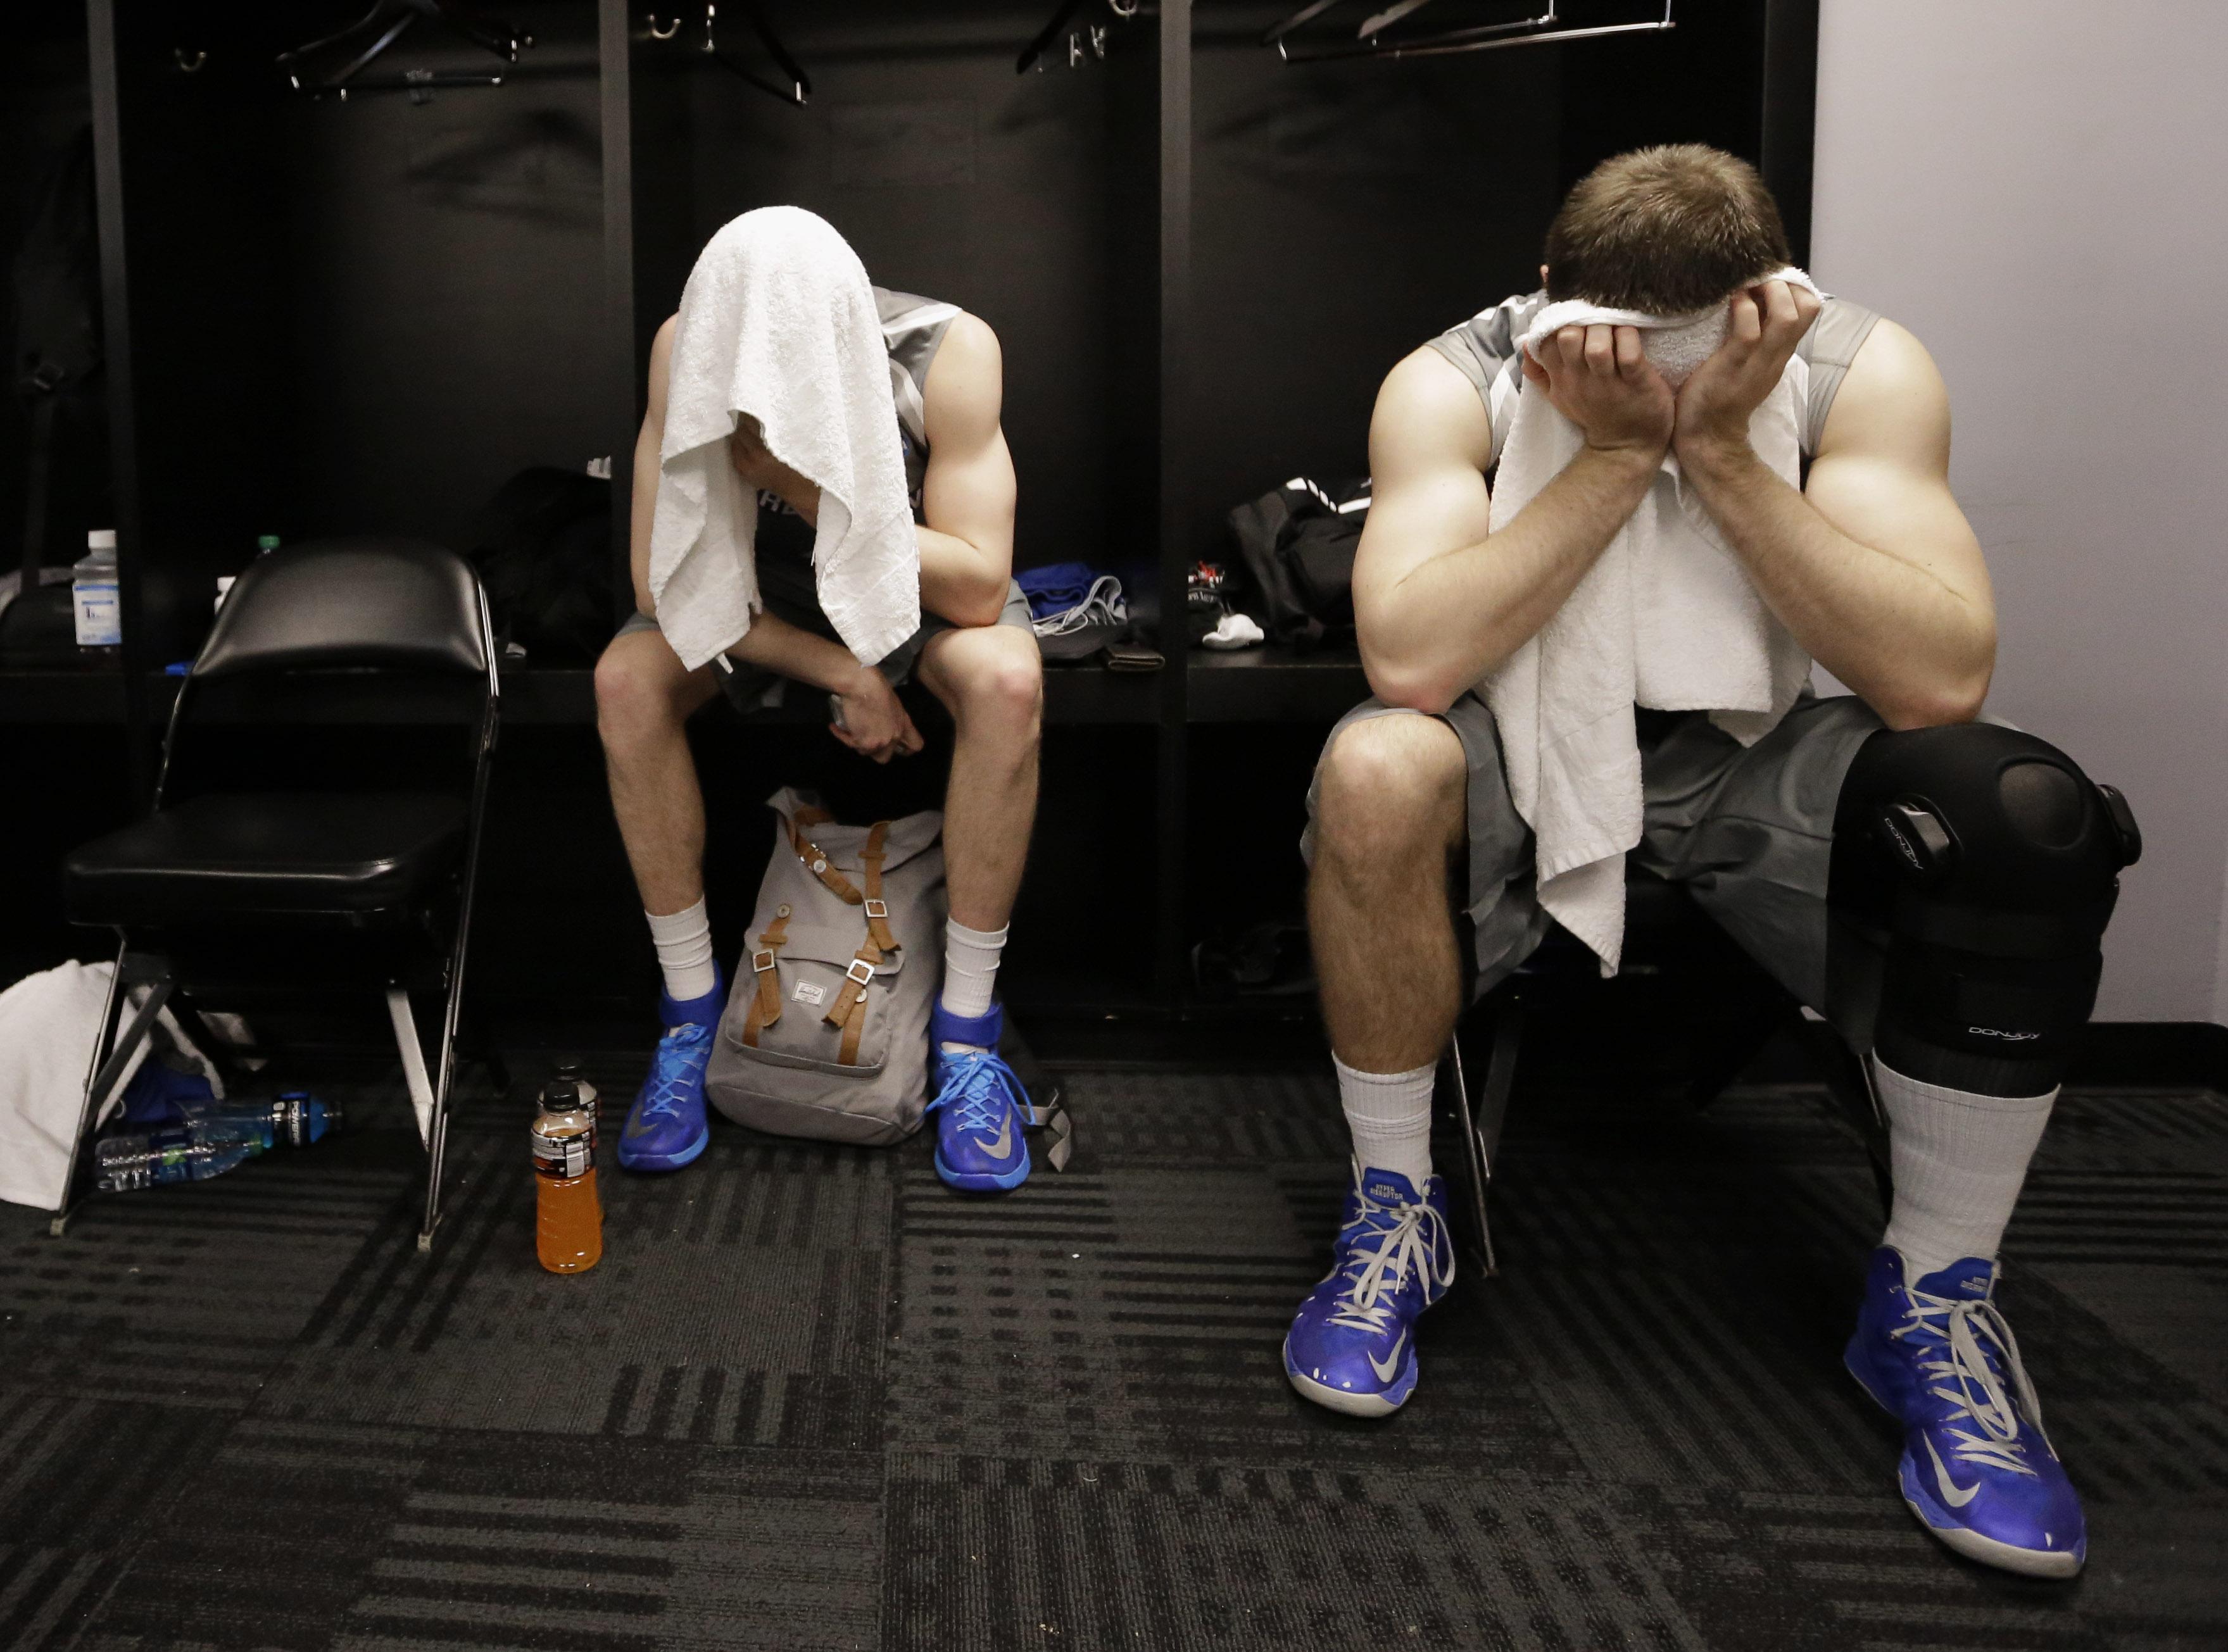 Alex Olsen y Ethan Wragge ocultan su frustración tras la tela de sus toallas. | © David J. Phillip, AP Photo.